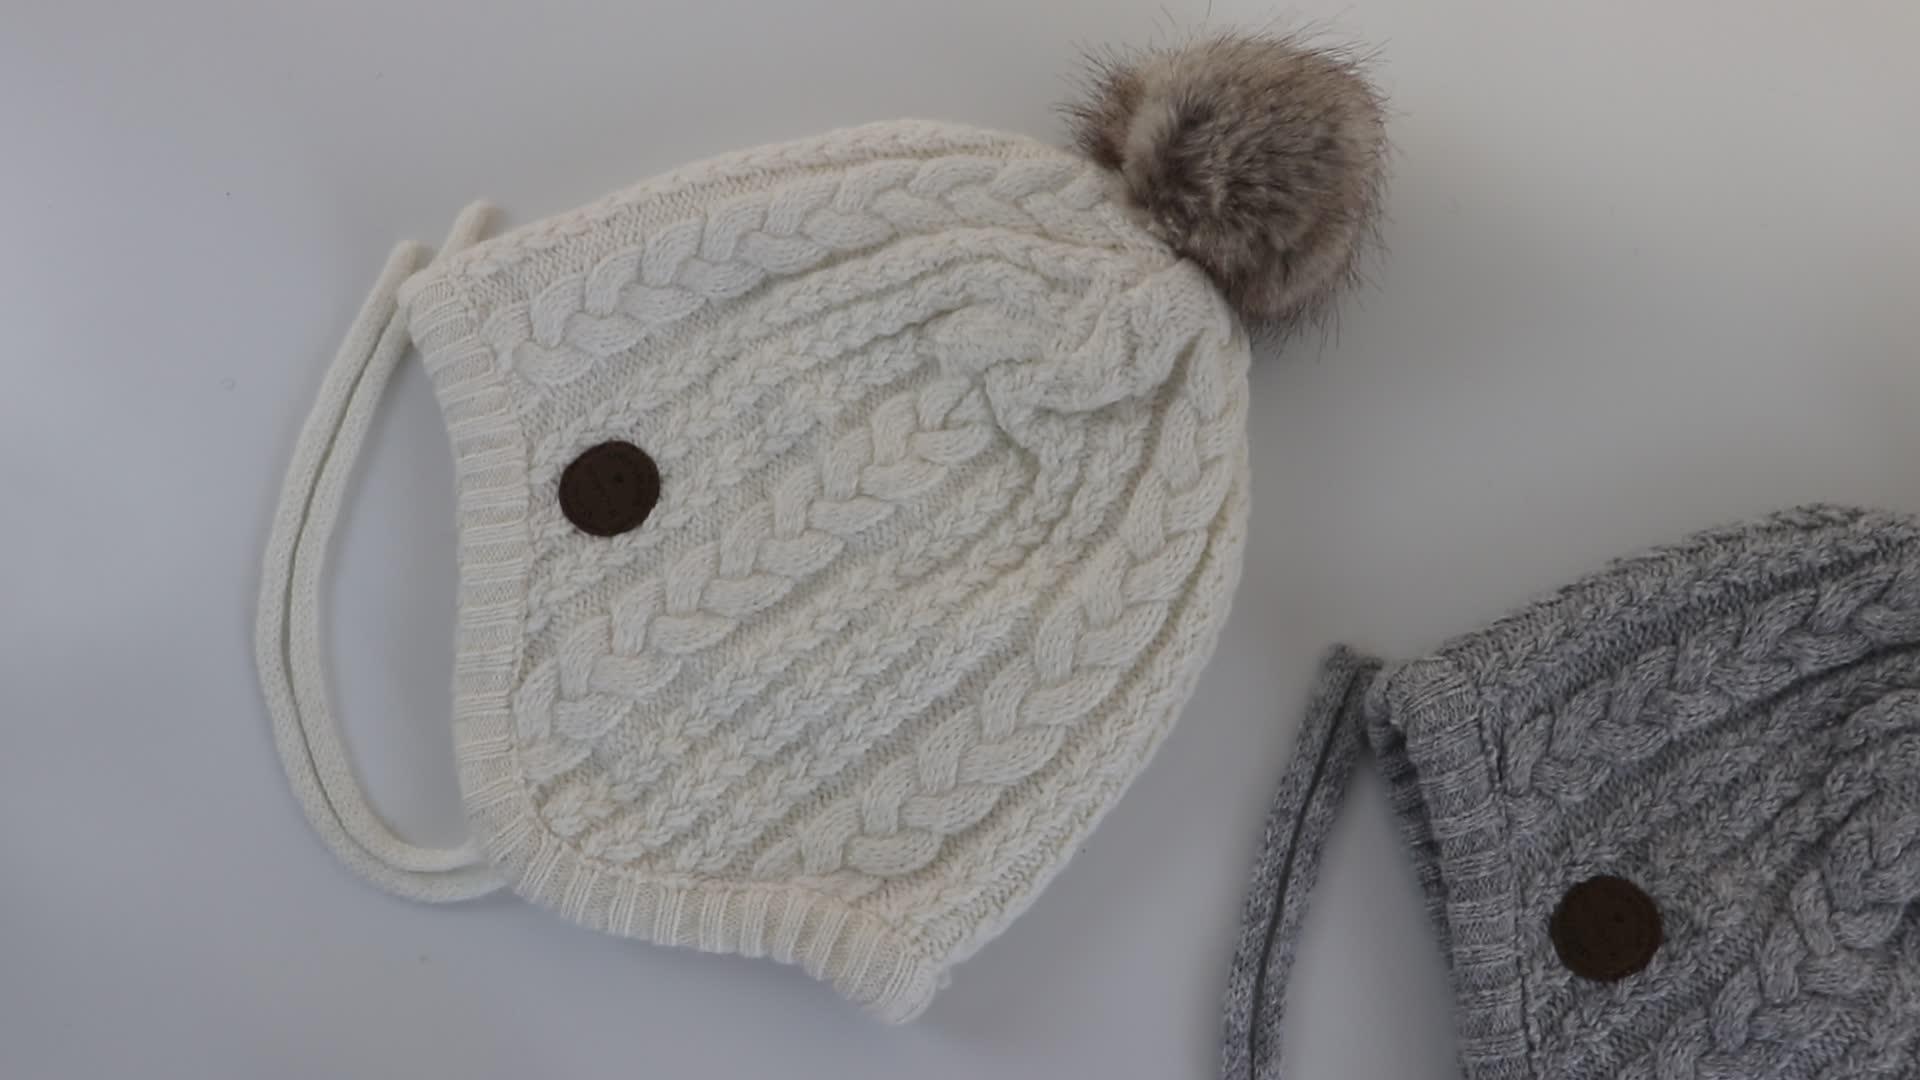 6 colori per bambini di inverno lavorato a maglia della protezione del bambino della sfera della pelliccia protezione dell'orecchio cappelli lavorati a maglia con palla sulla parte superiore